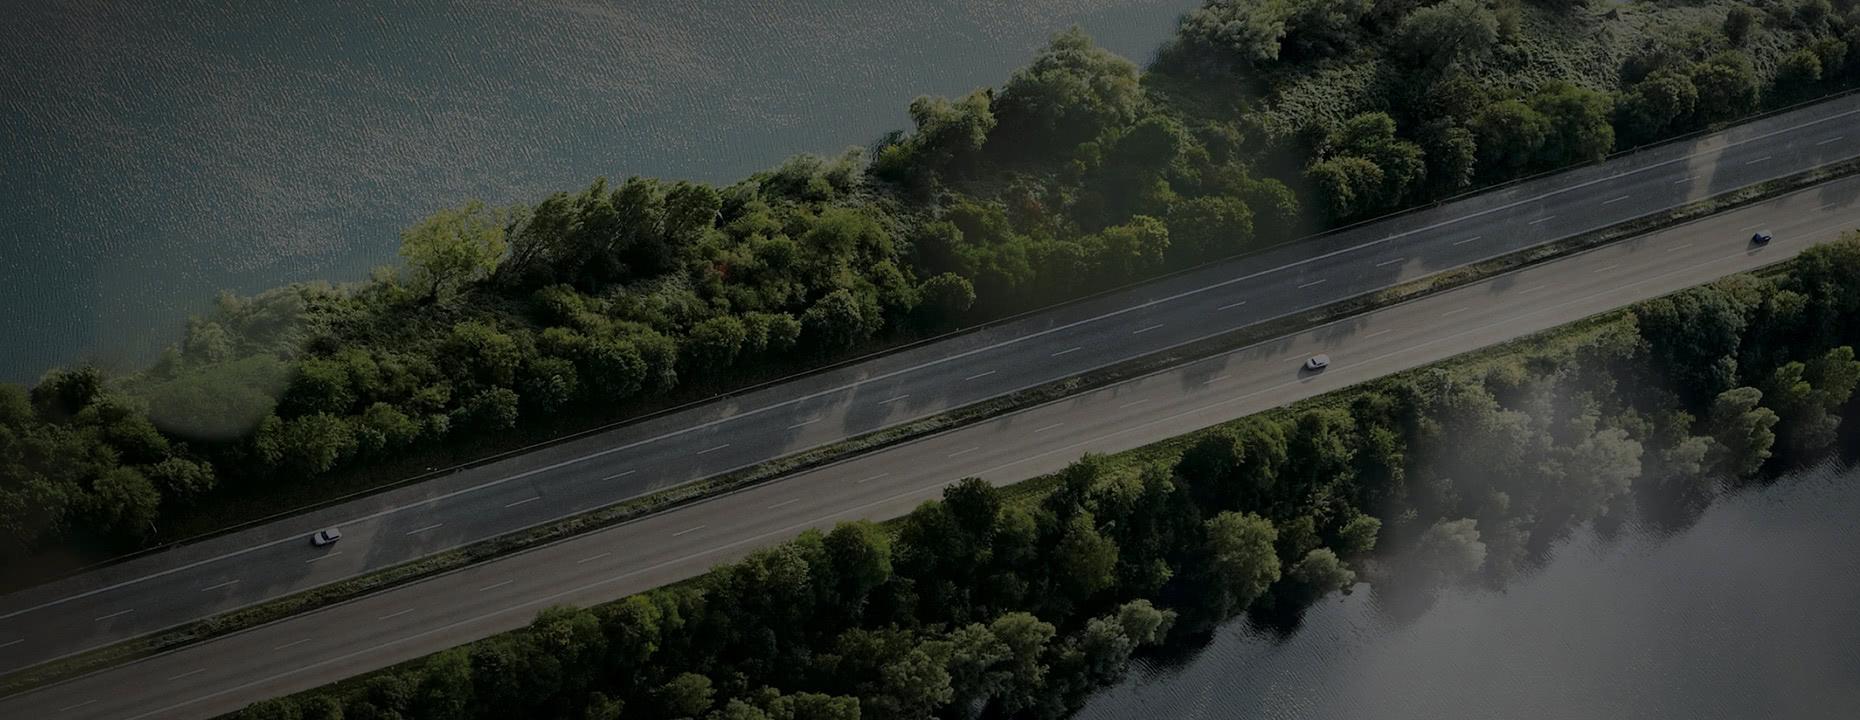 Автосервіс: близько, зручно і безпечно! | Автотрейдінг-Харків - фото 8